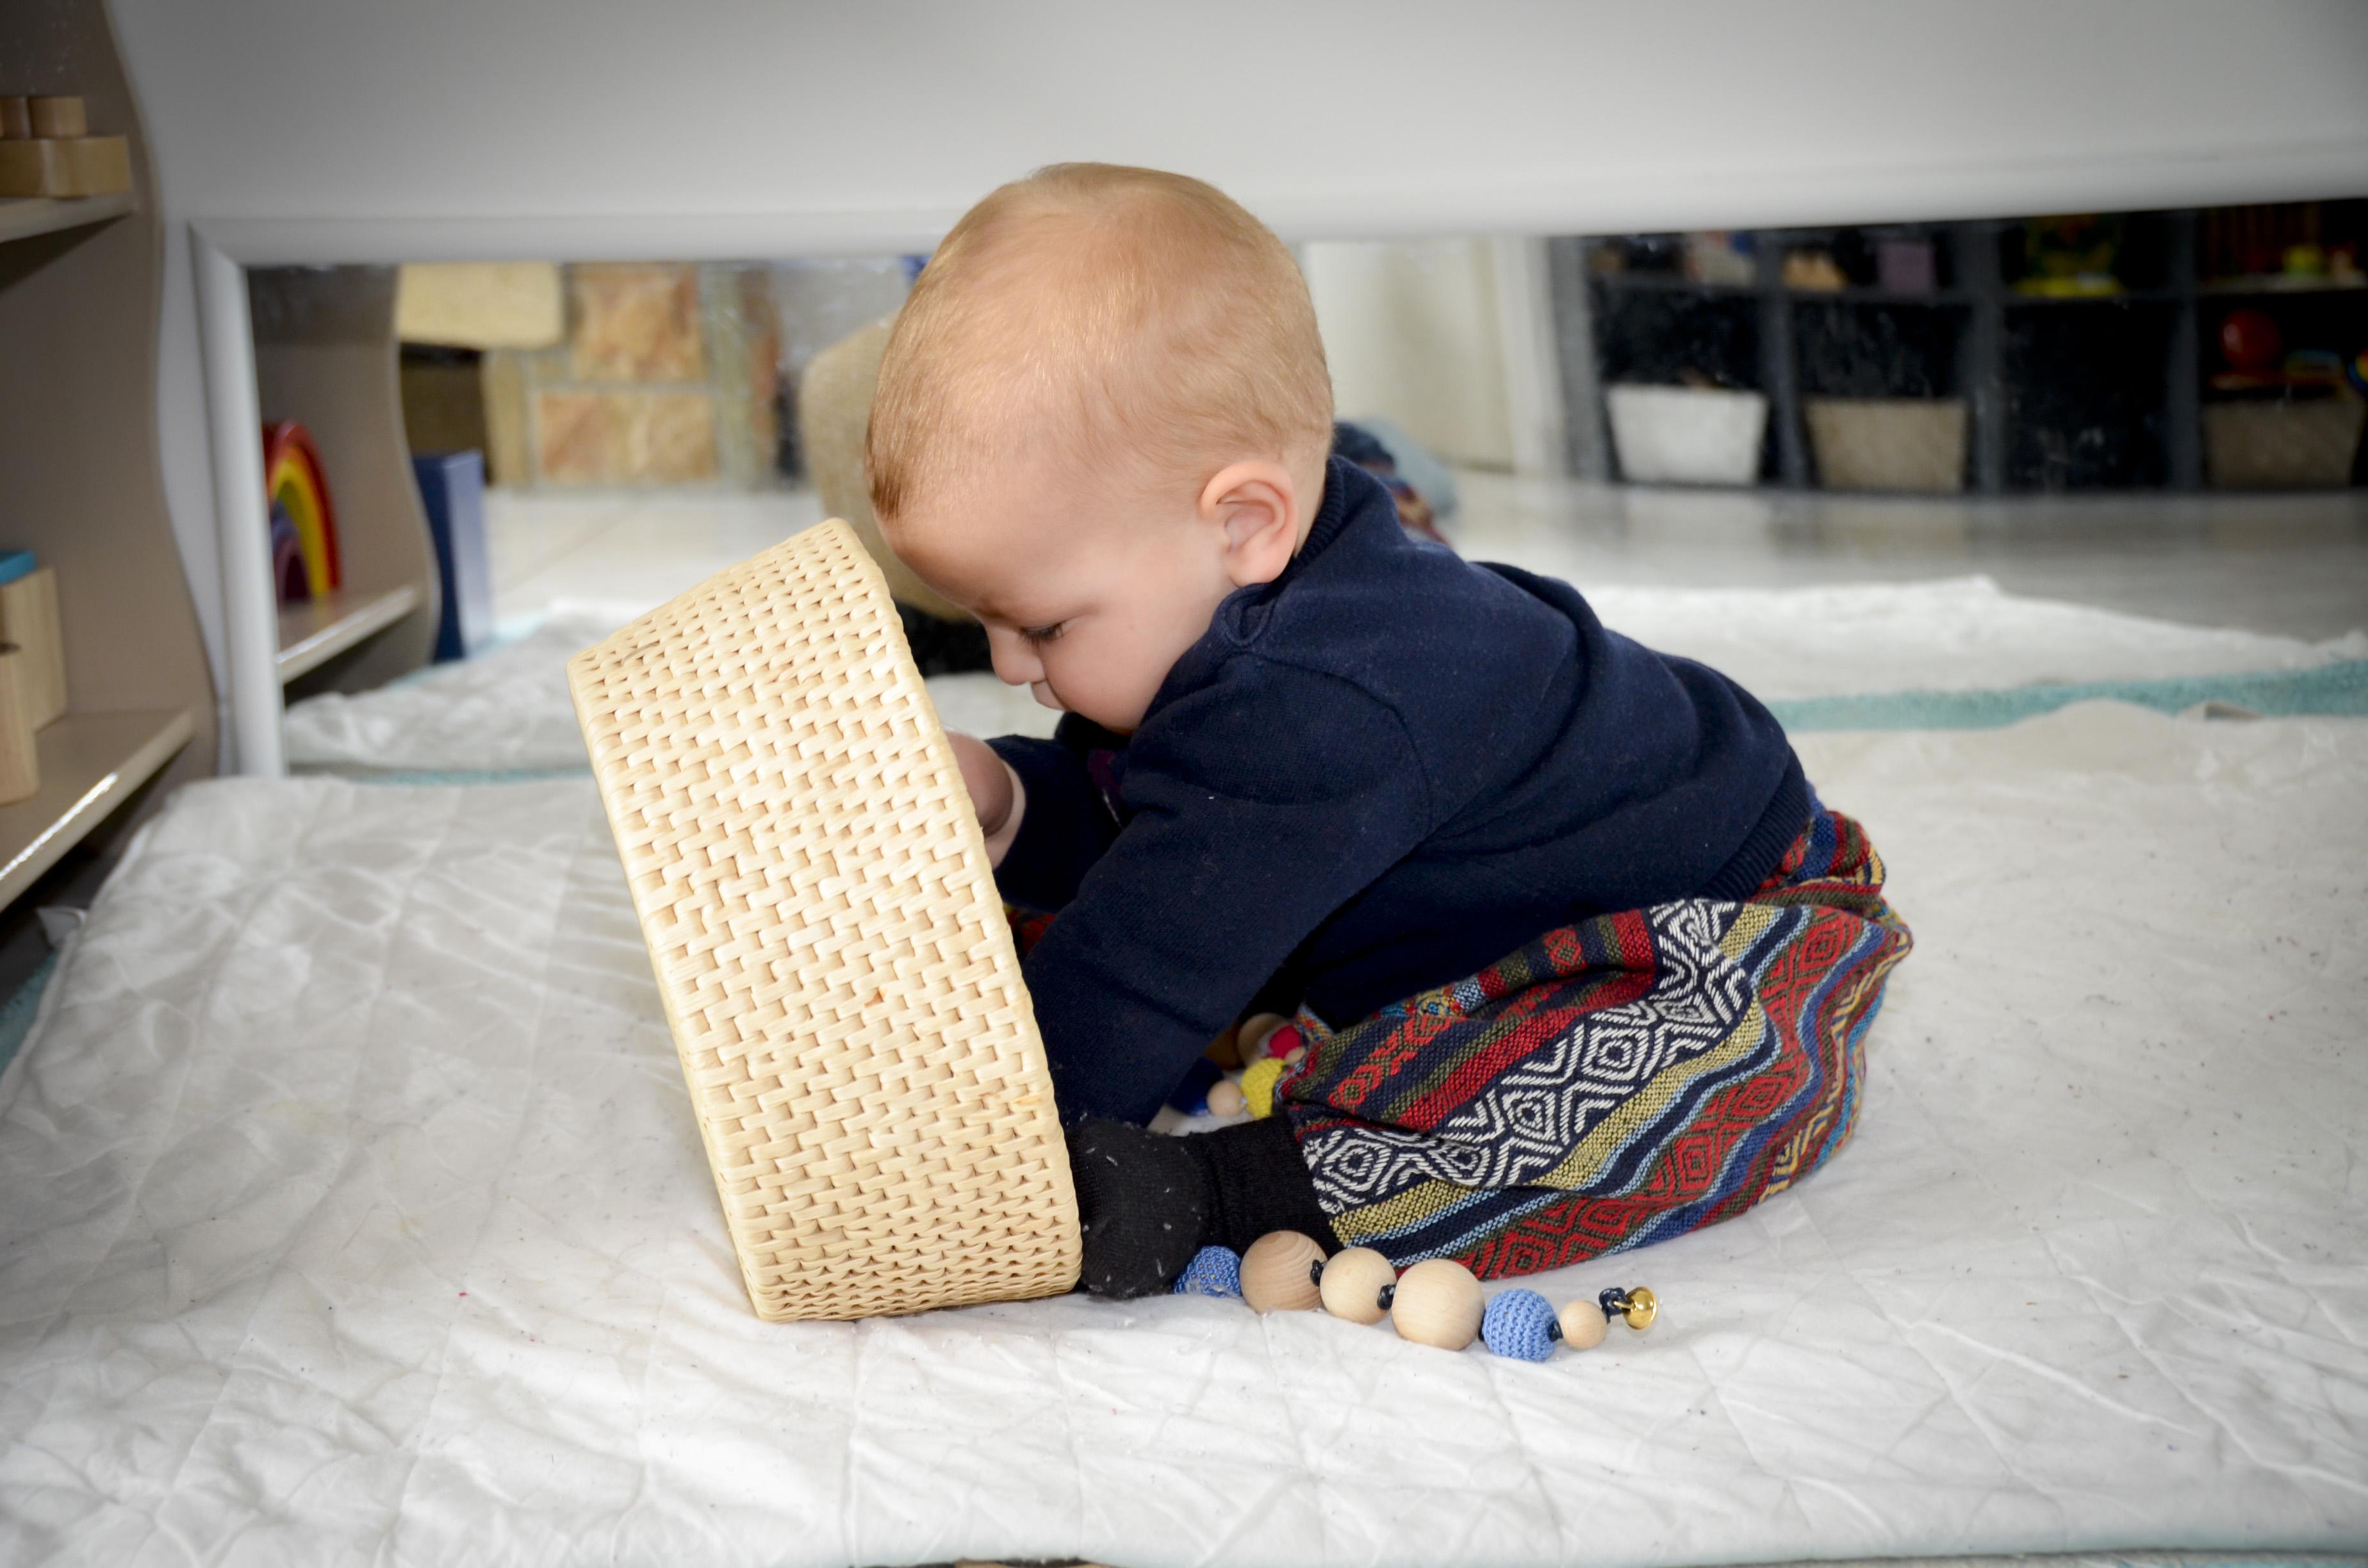 Ambiance Montessori : les 4 points-clés qui changent tout !